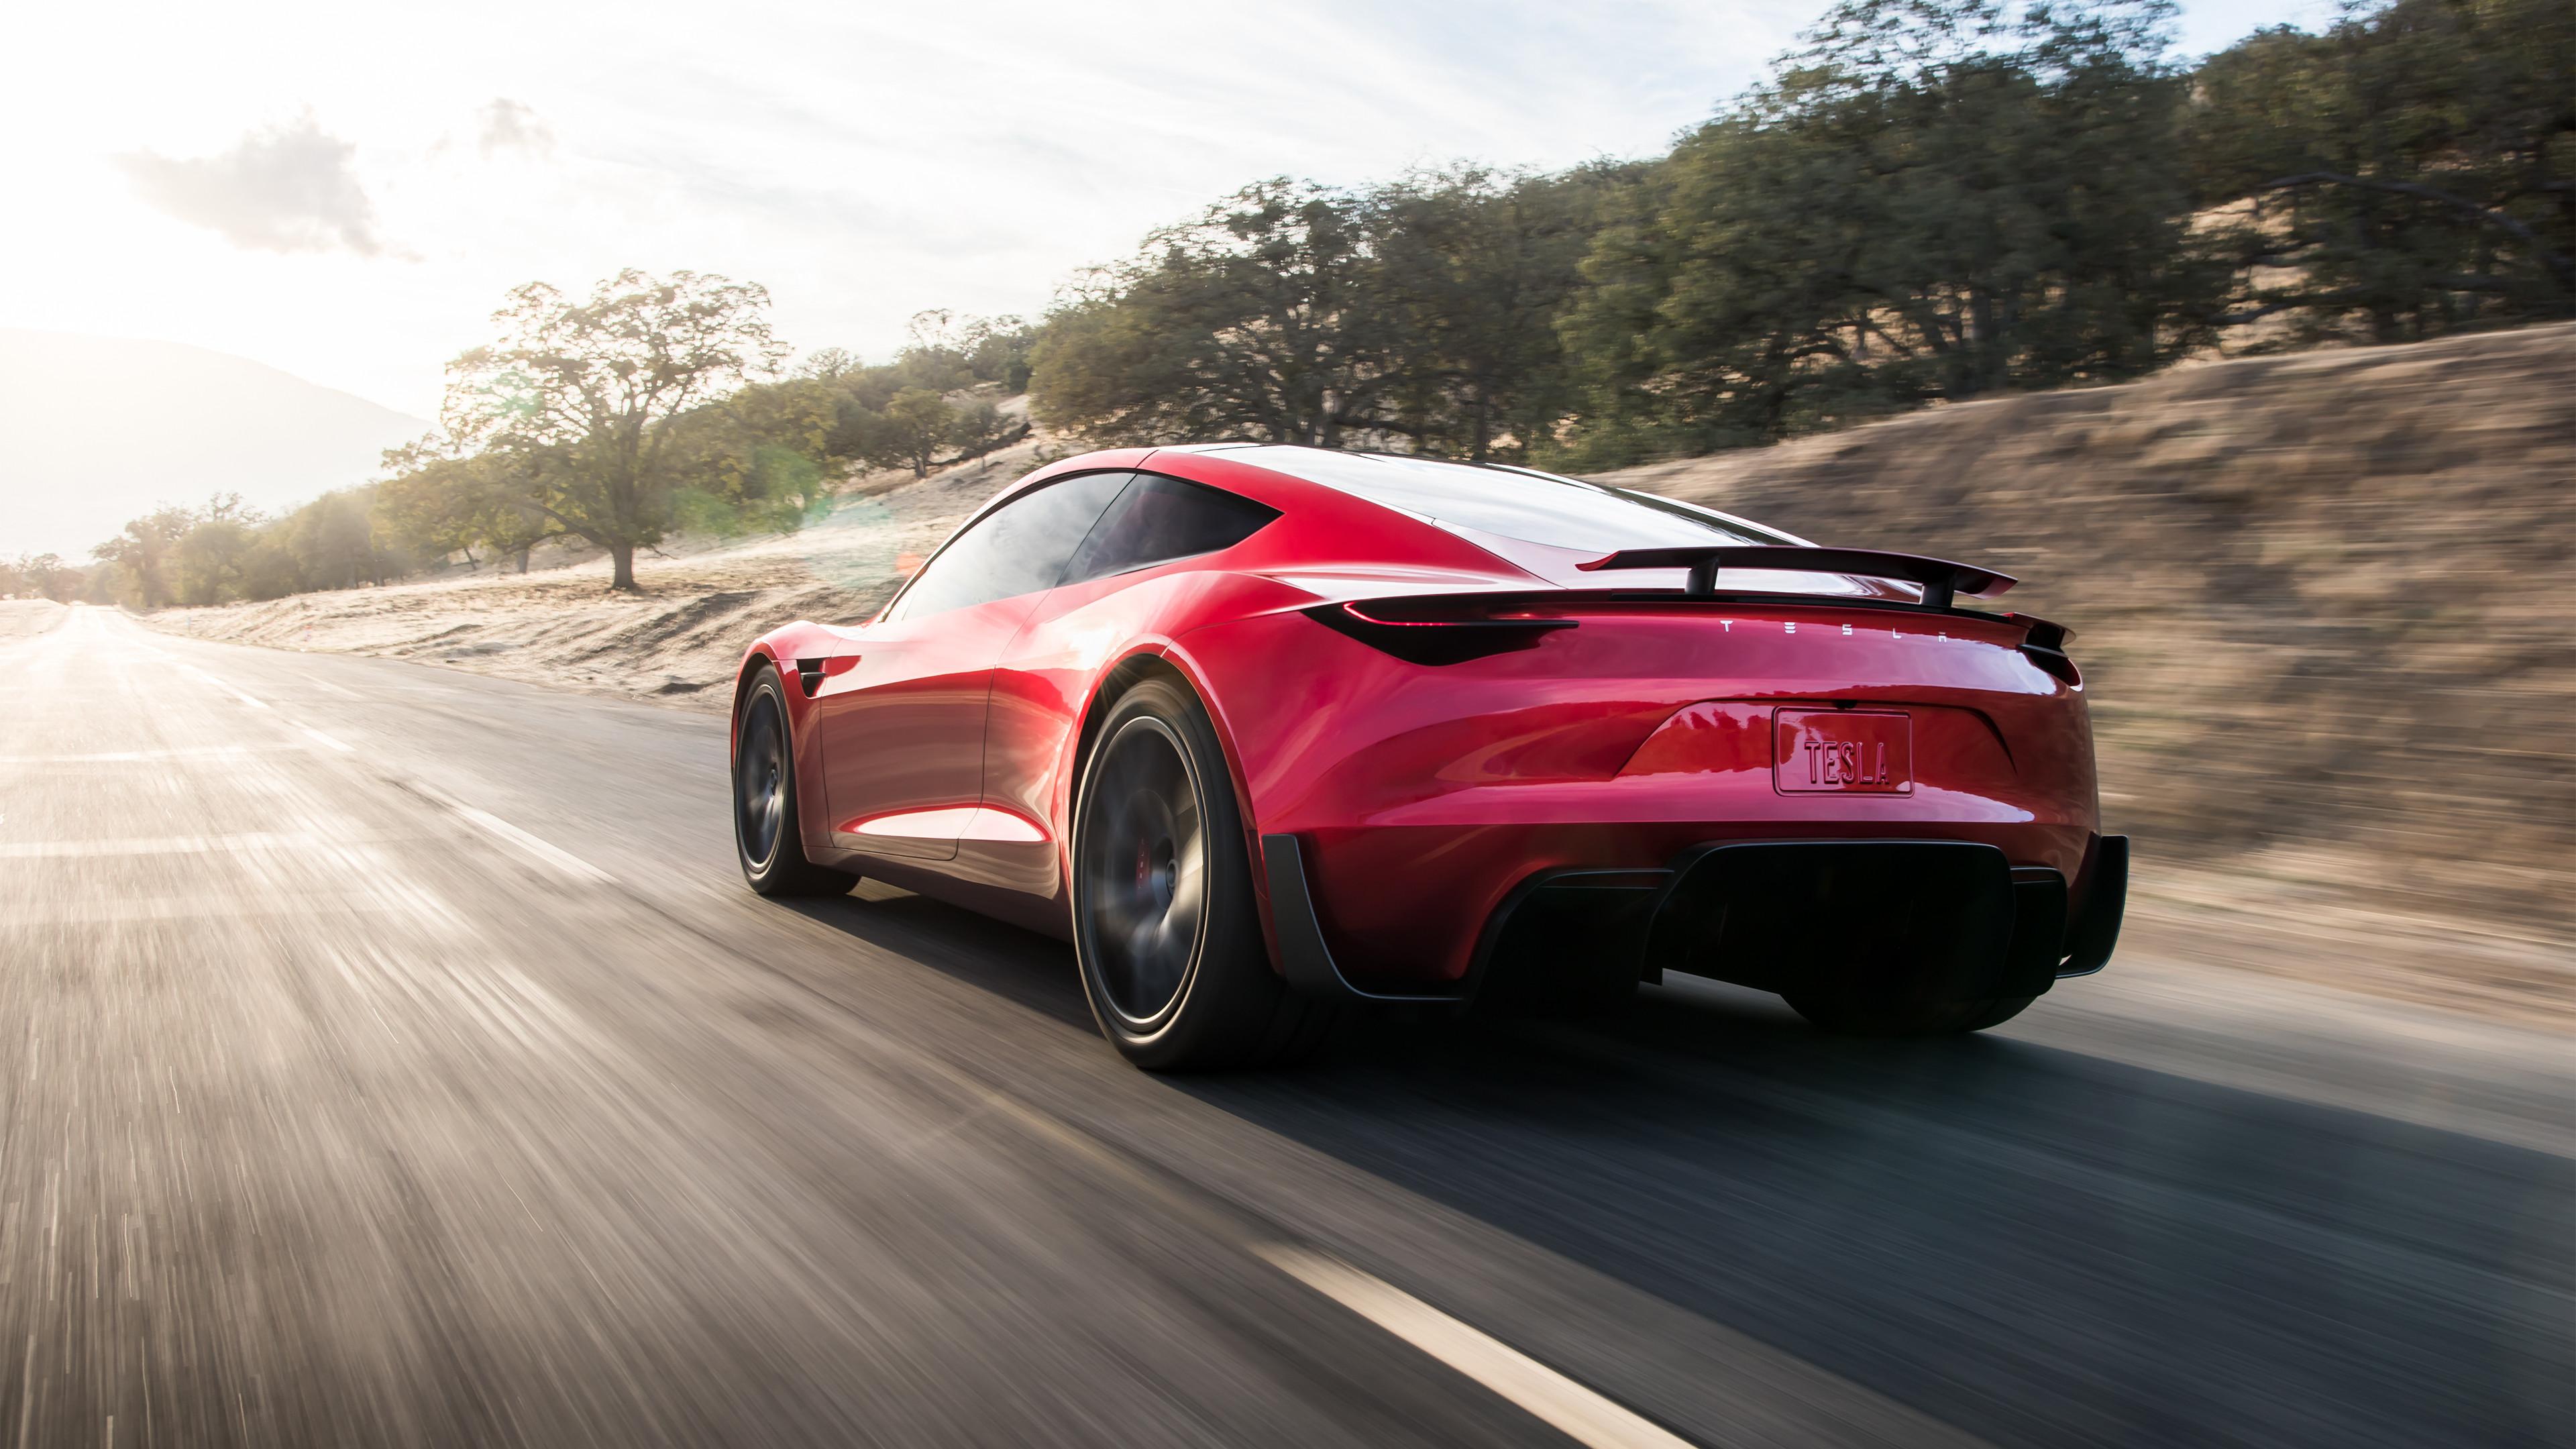 De Tesla Roadster Heeft Een Actieradius Van 1000 Km Elektrischeauto Nl